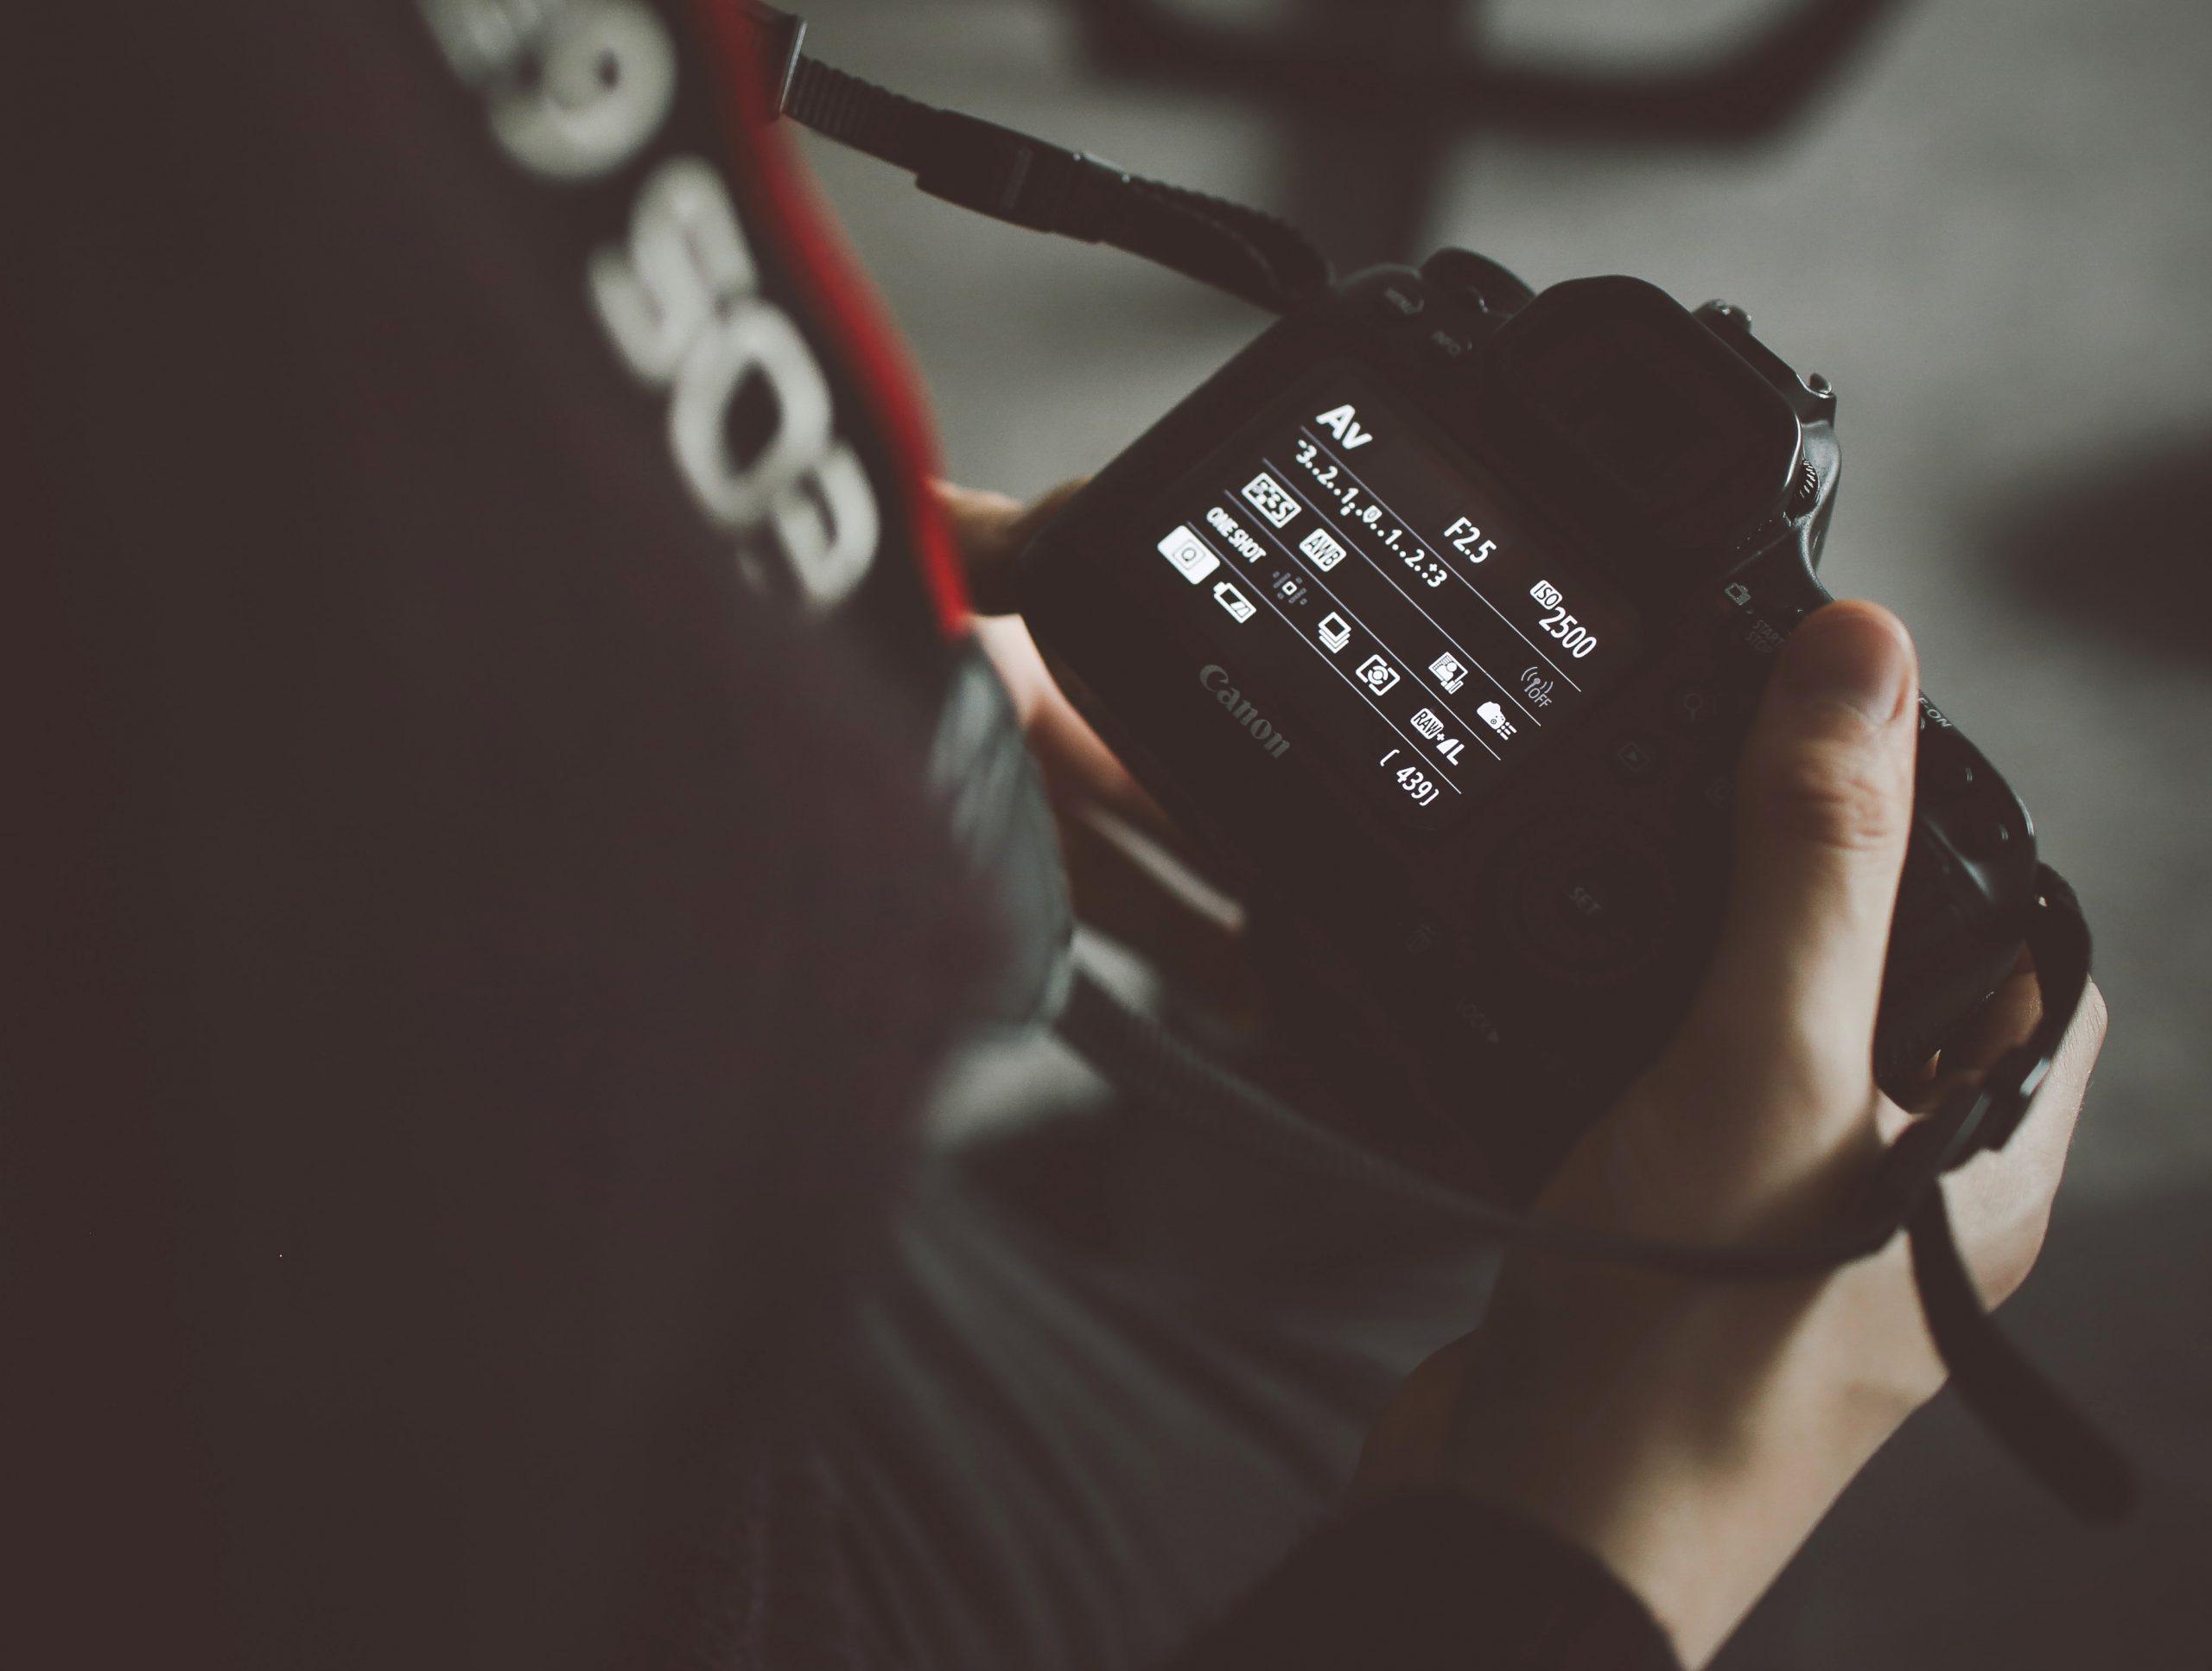 camera settings manual